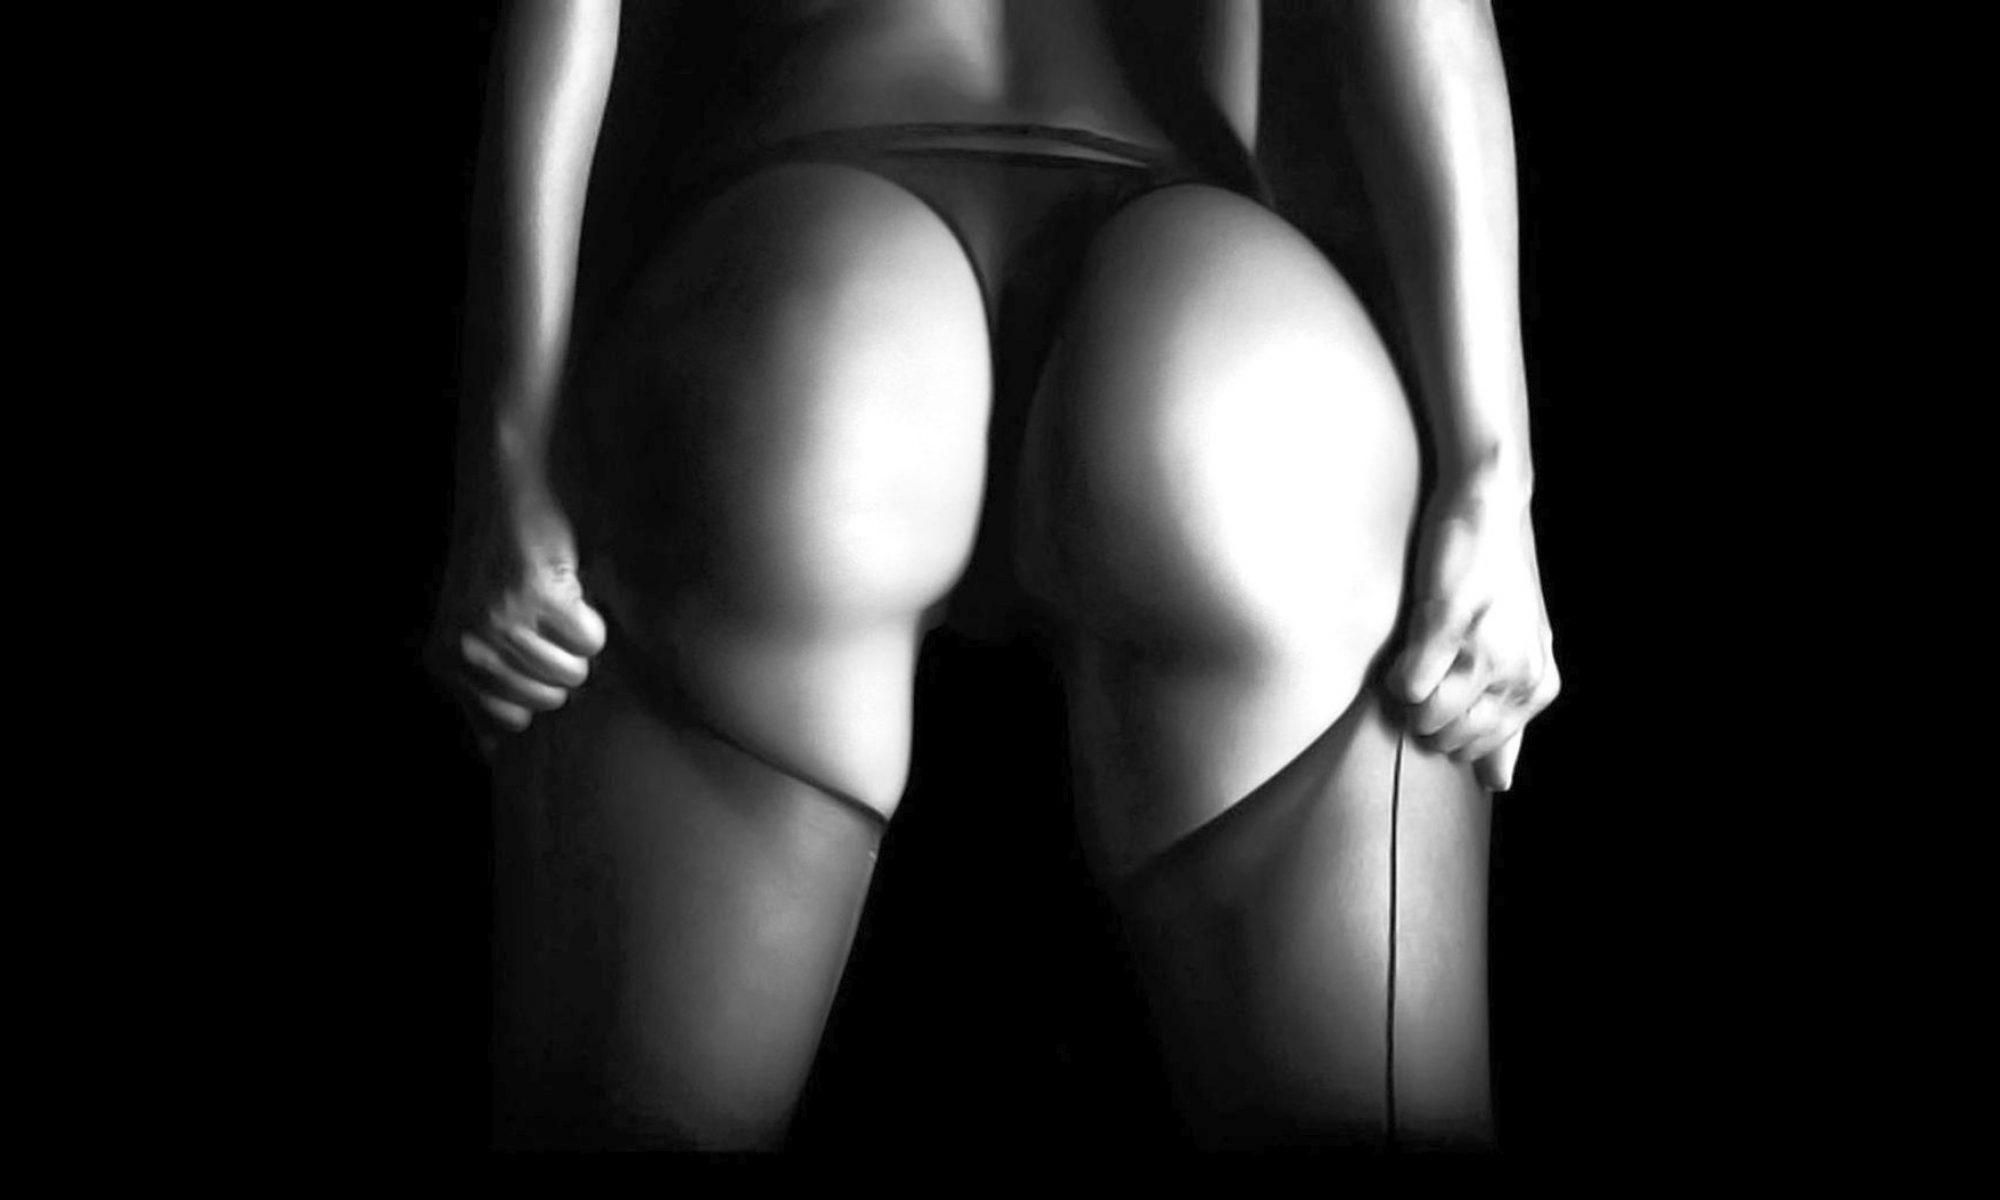 Ficktreffen und intime Nacktfotos